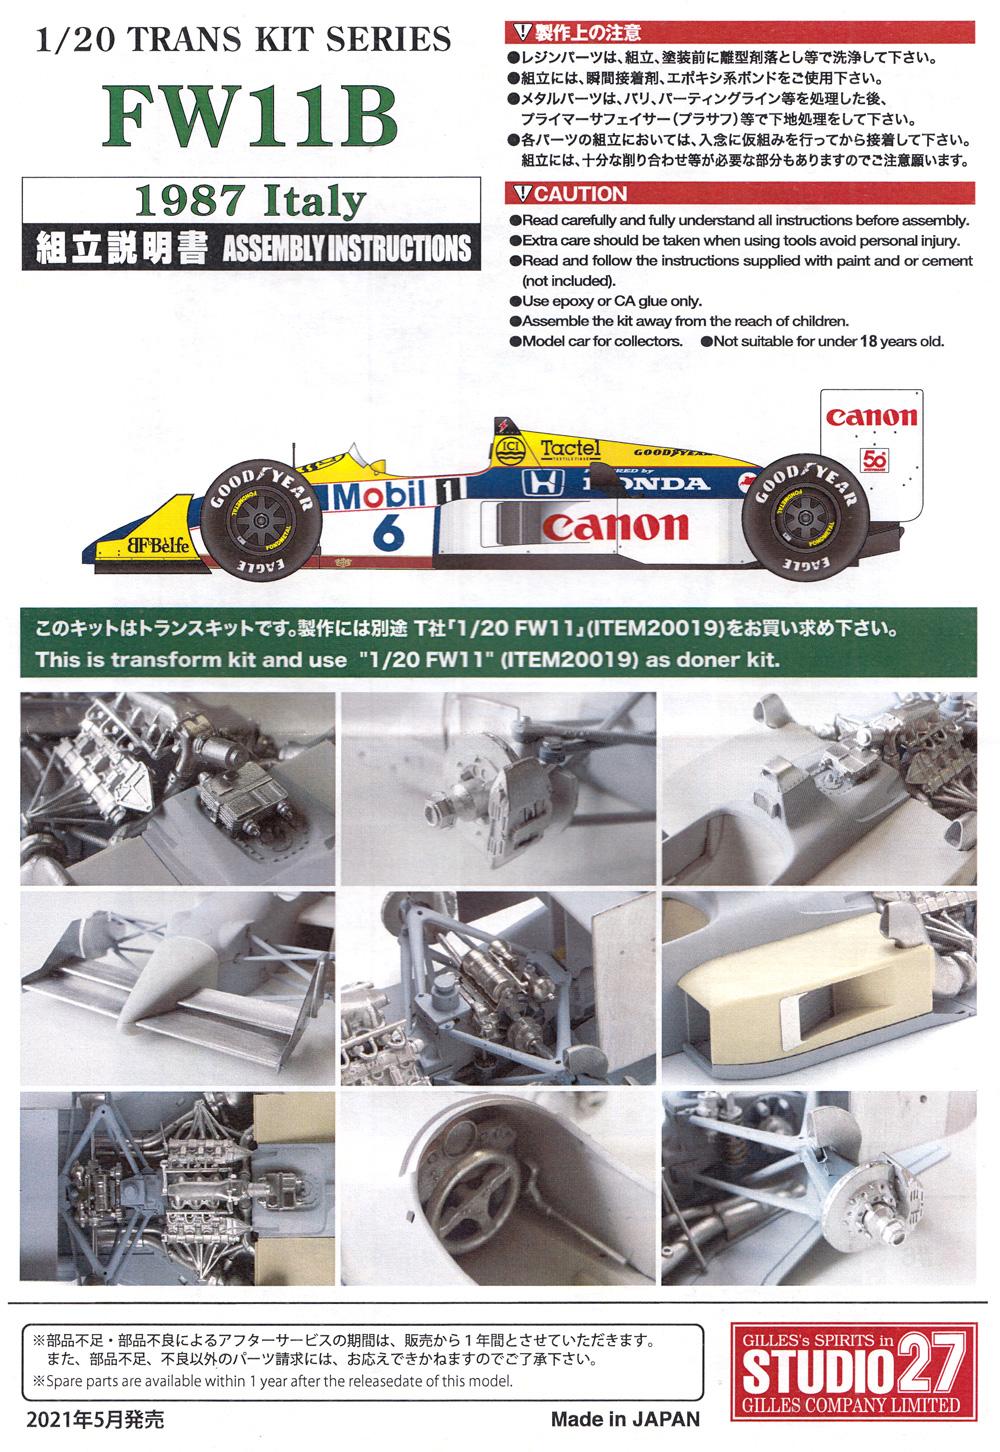 ウイリアムズ FW11B 1987 イタリアGP (トランスキット)レジン(スタジオ27F-1 トランスキットNo.TK2066R)商品画像_1